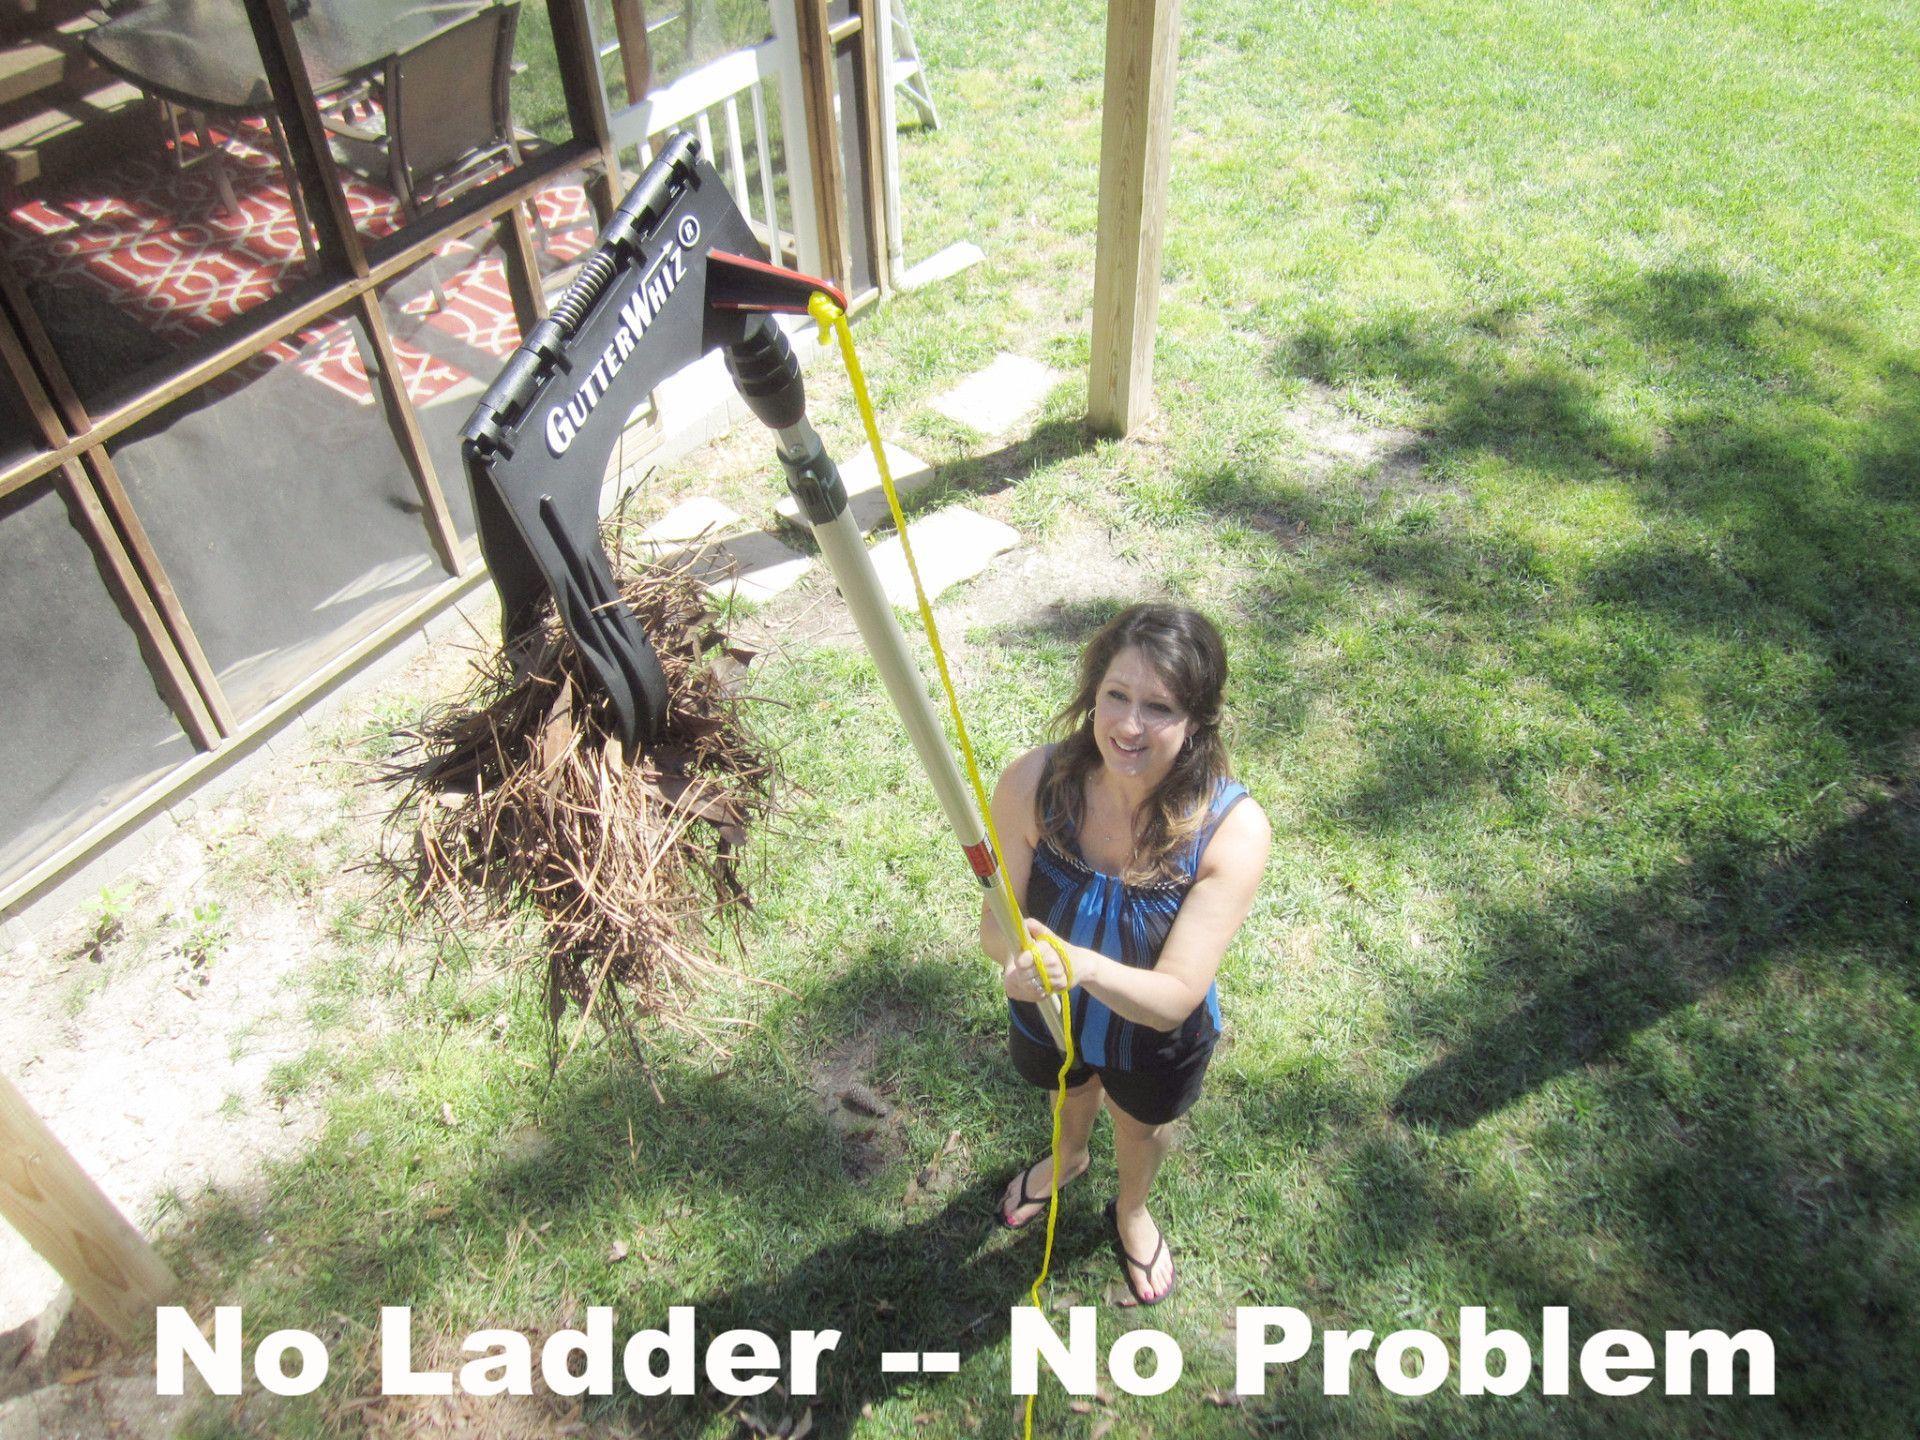 Gutterwhiz Diy Gutter Cleaner No Ladder No Problem Diy Gutters Gutter Cleaner Cleaning Gutters